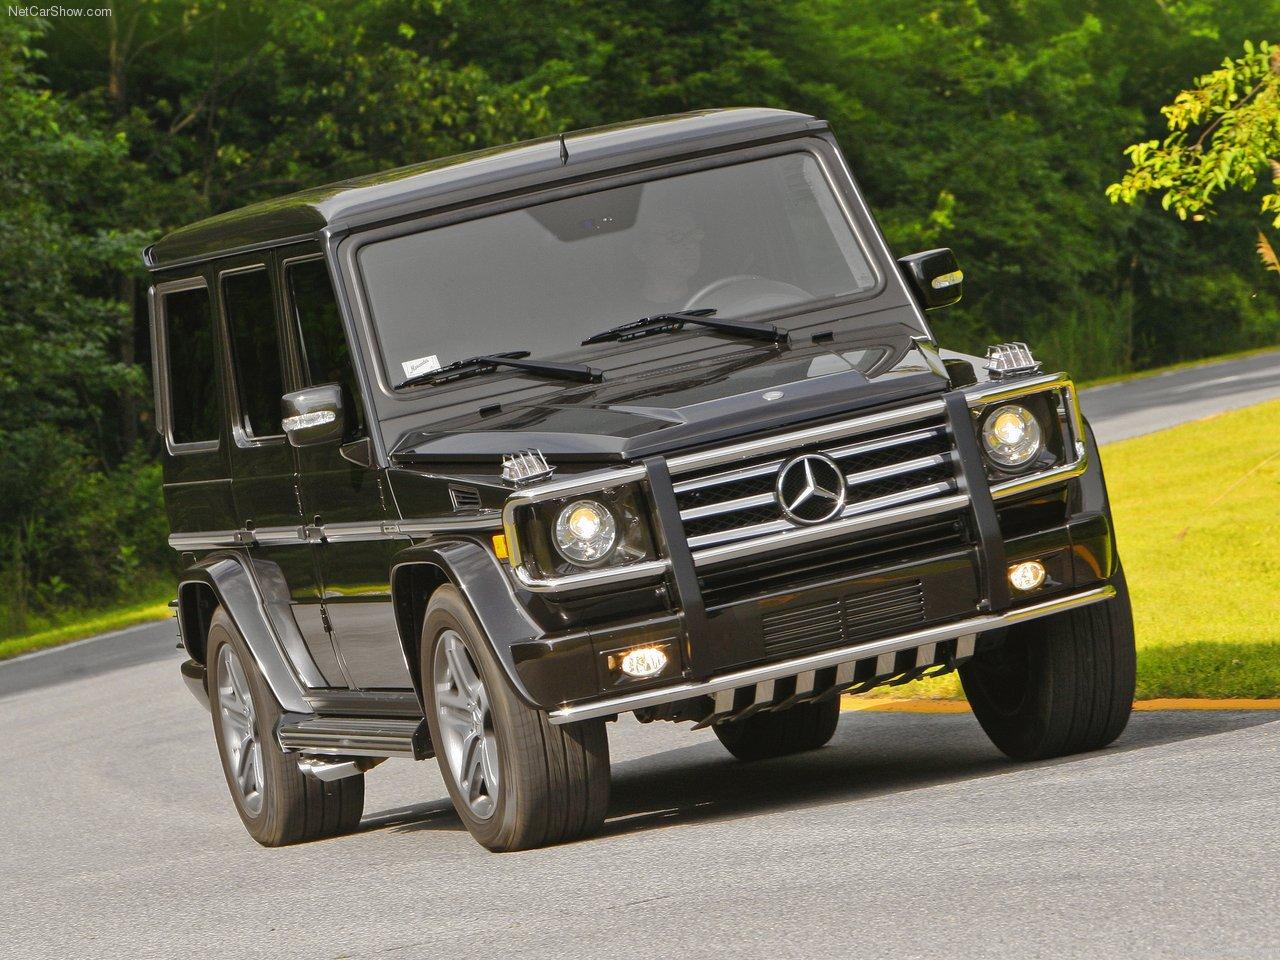 http://2.bp.blogspot.com/-Vb4acbn-sYg/TWssnqGqroI/AAAAAAACLaY/mViO6d7tfNU/s1600/Mercedes-Benz-G55_AMG_2009_1280x960_wallpaper_04.jpg